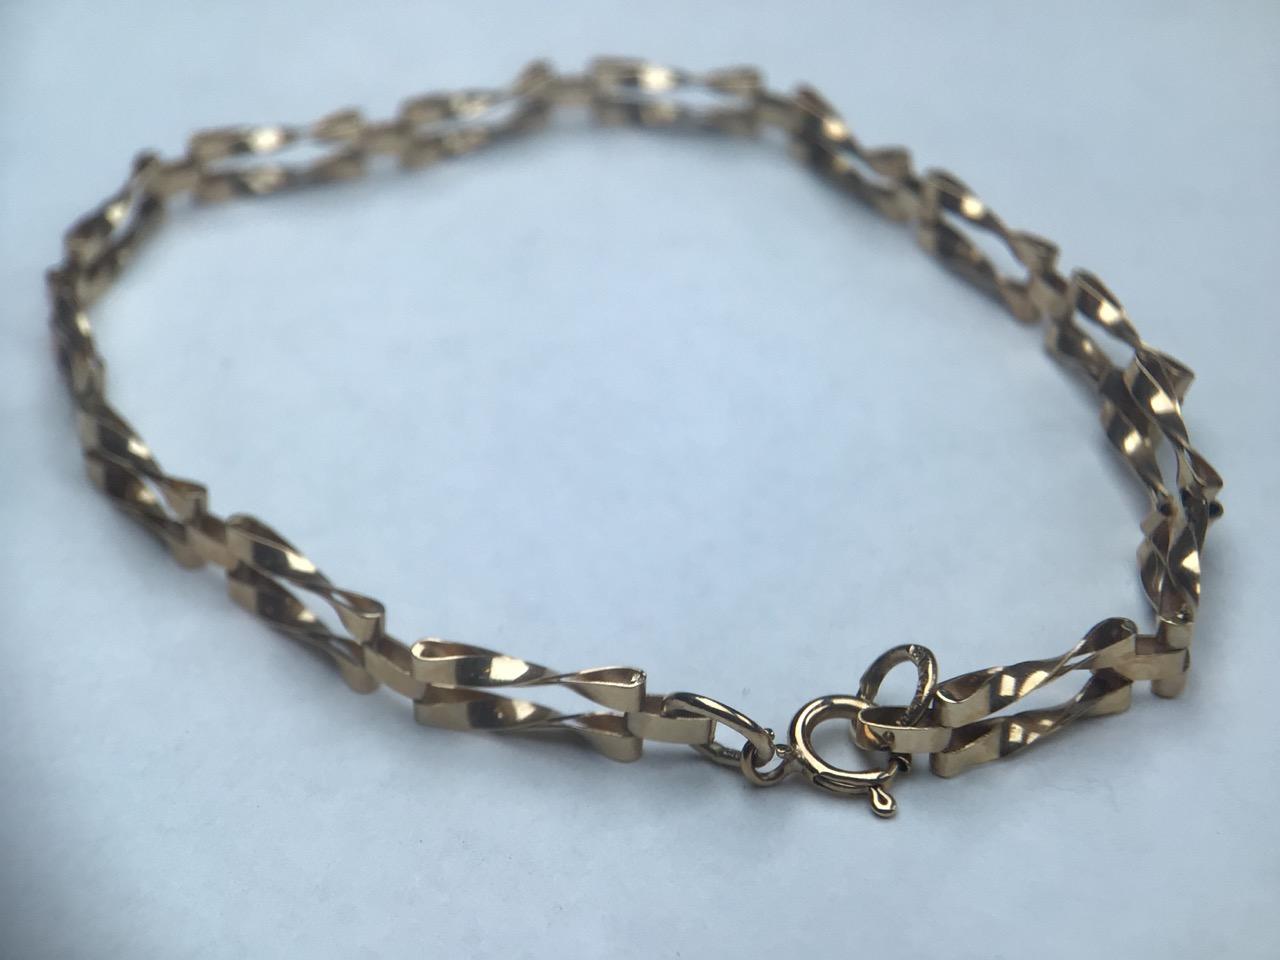 9ct gold fancy link bracelet. 1.8g 16cm - Image 2 of 4